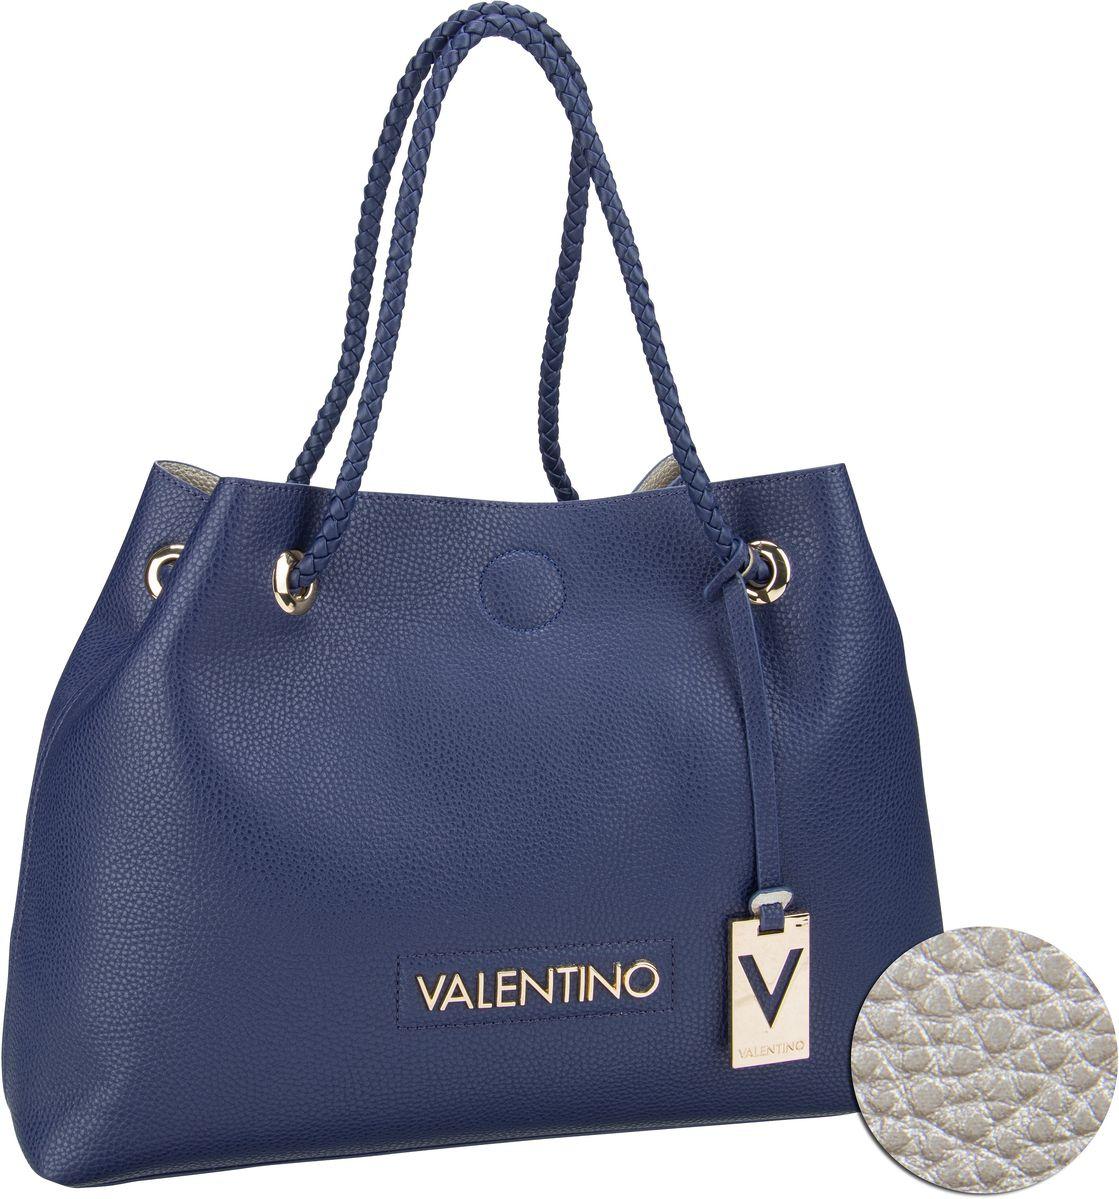 Handtasche Corsair Shopping D02 Blu/Argento